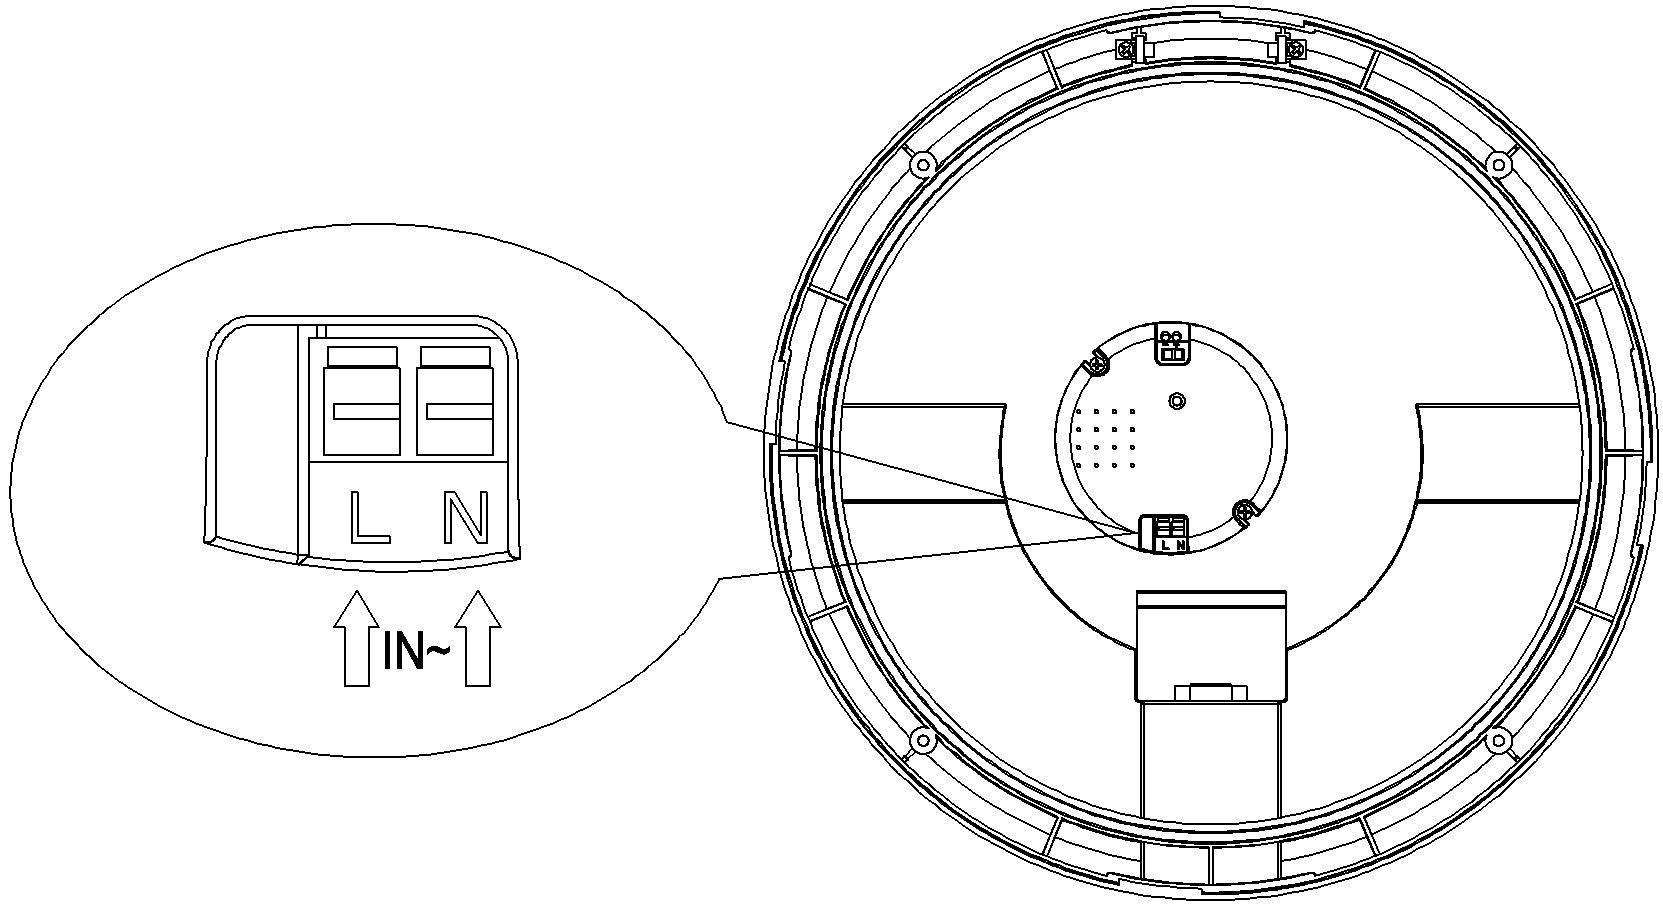 Đèn ốp trần cảm ứng ánh sáng LS329P sở hữu nhiều thông số kĩ thuật tiên tiến